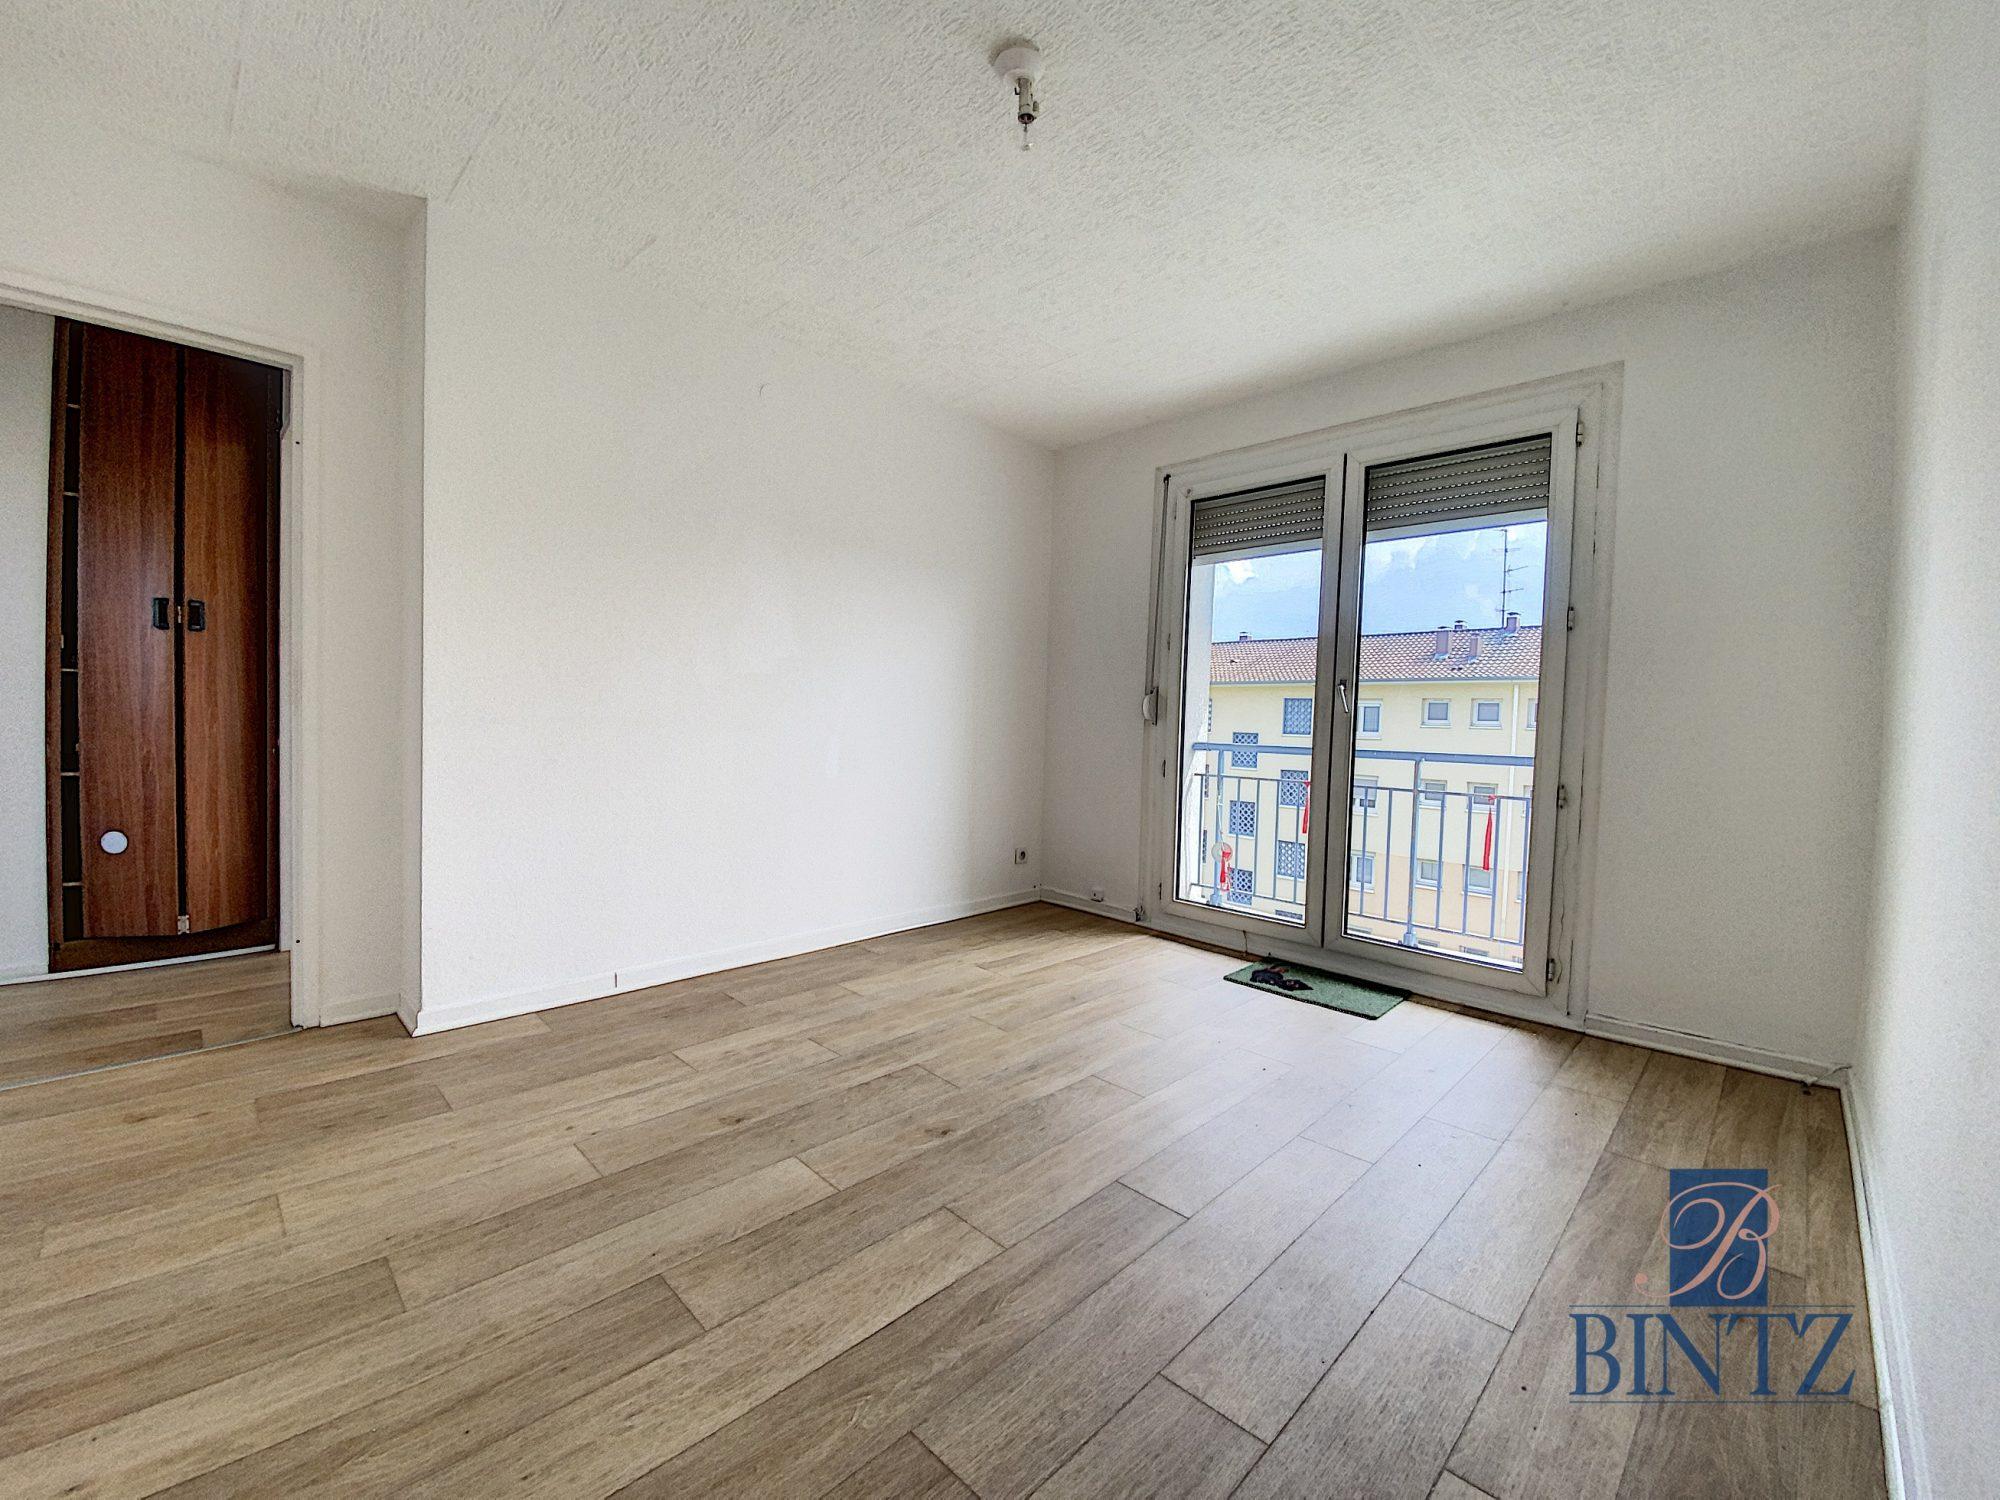 T3 avec balcon Quartier de la Musau - Devenez propriétaire en toute confiance - Bintz Immobilier - 3